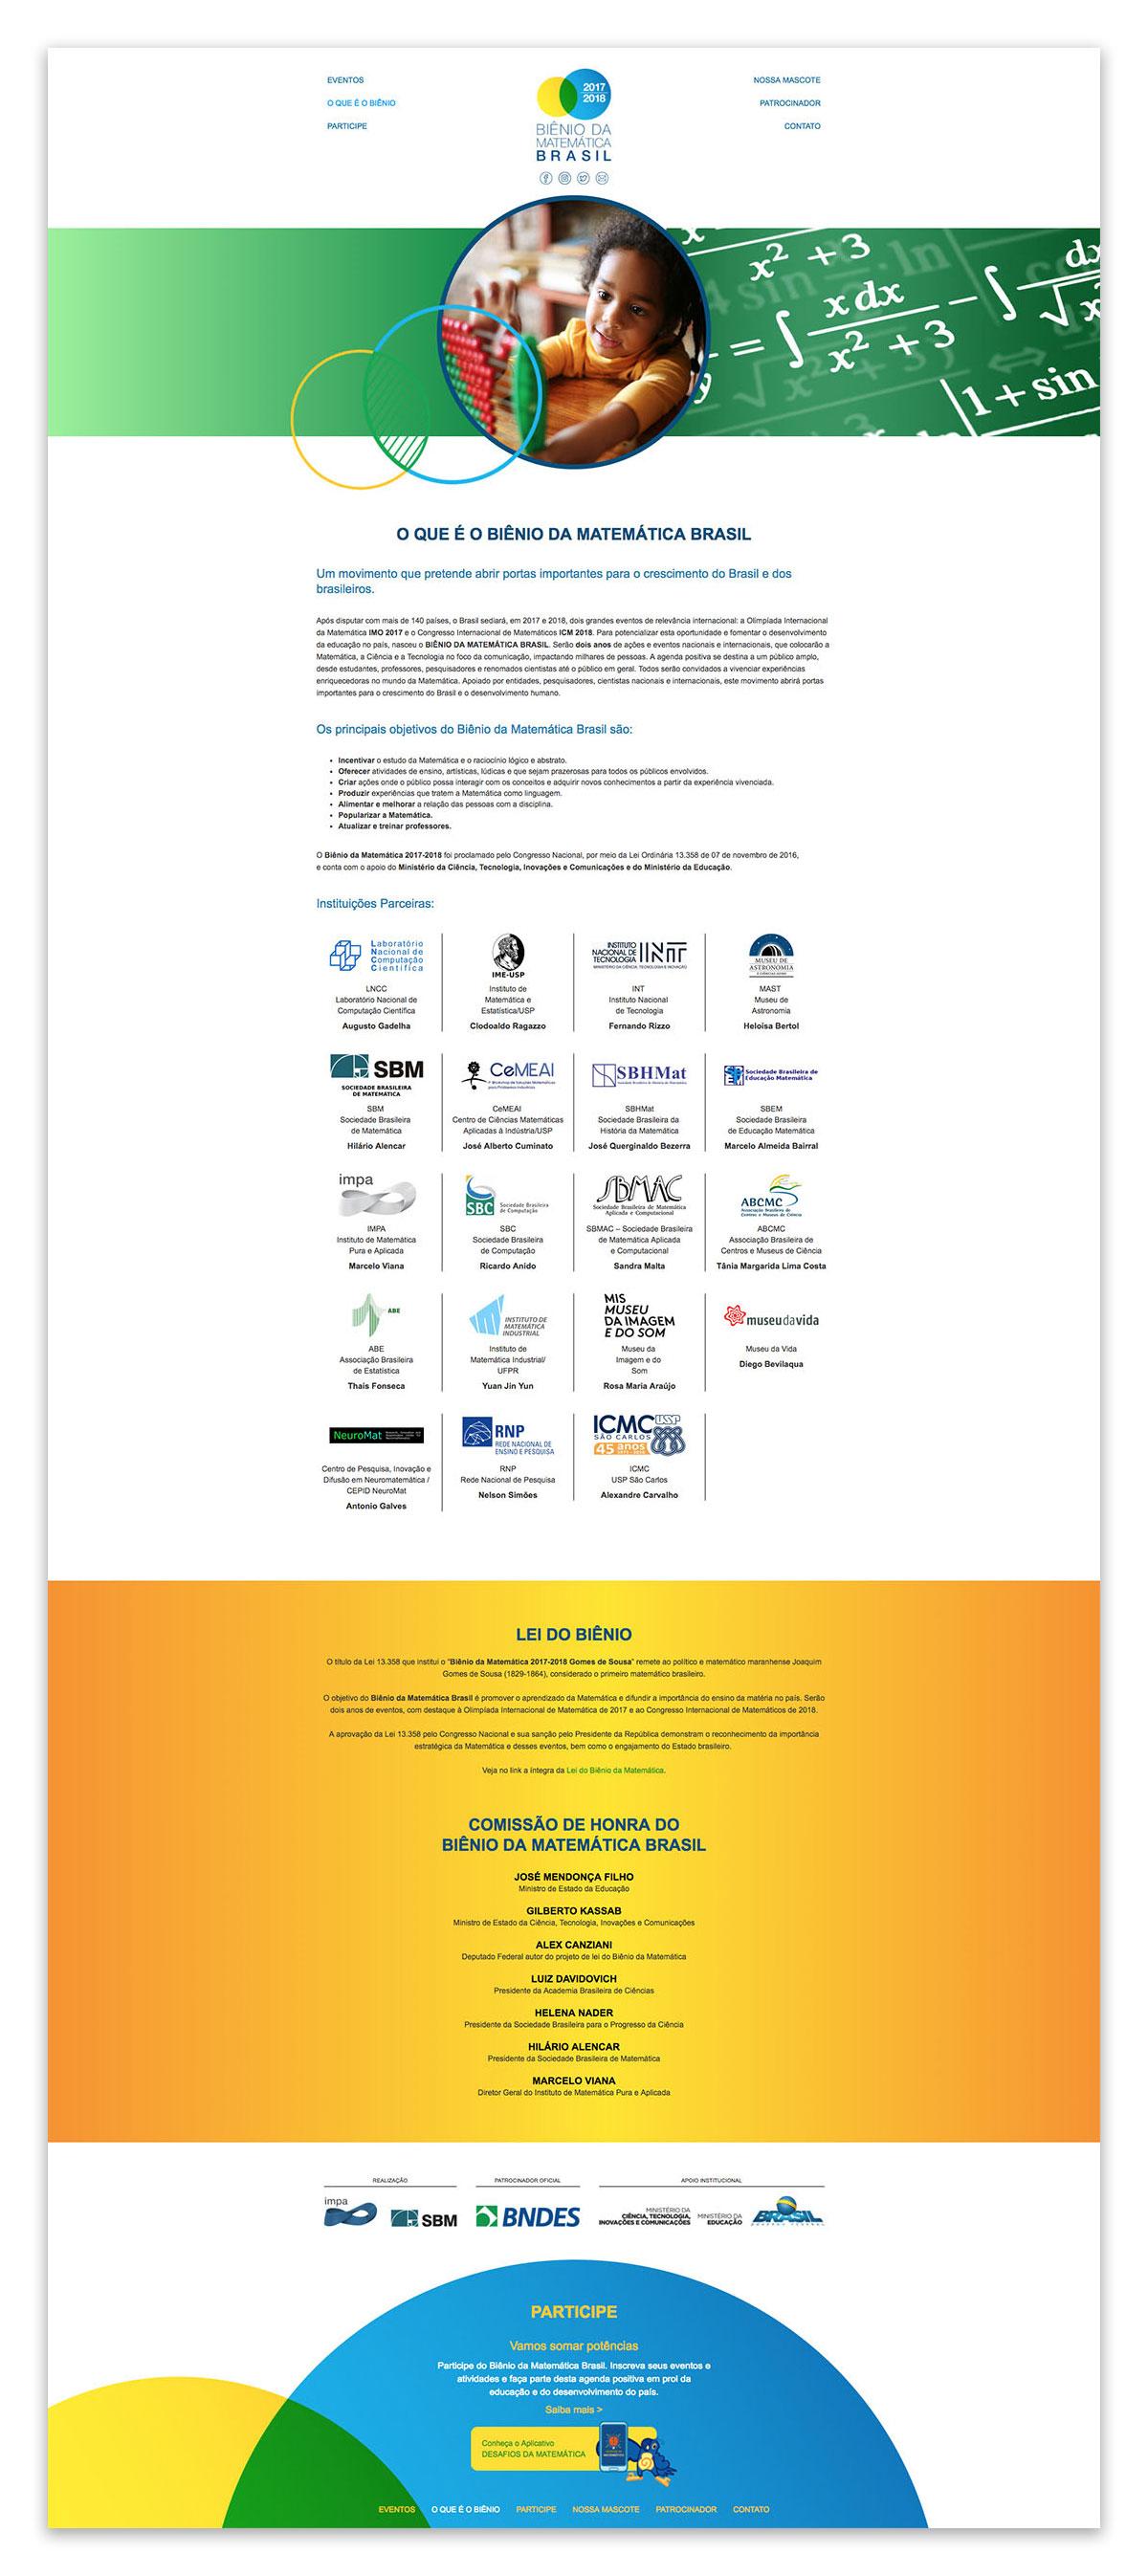 screencapture-bieniodamatematica-org-br-o-que-e-html-1518593022583.jpg